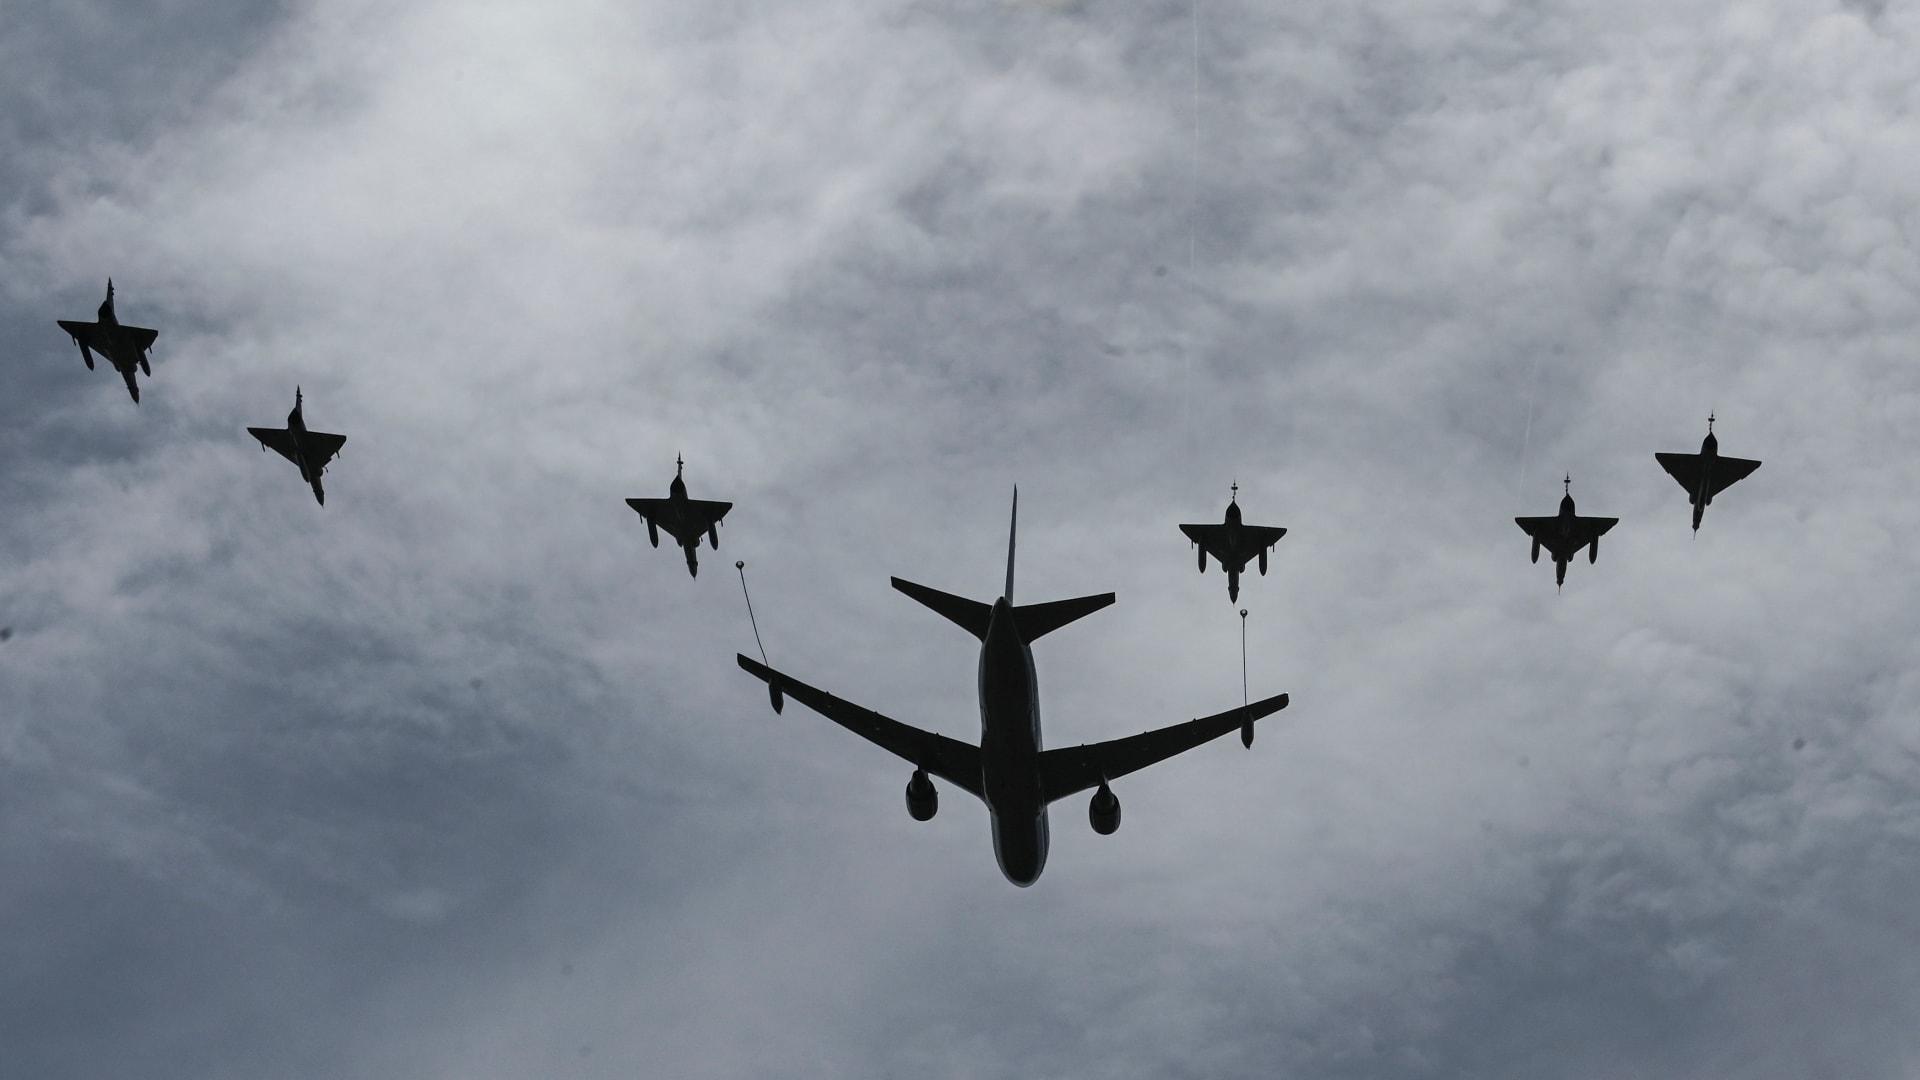 """طائرات من قطر والسعودية وإسرائيل ترافق قاذفات القنابل B52 في مهمة لـ""""ردع لإيران"""""""